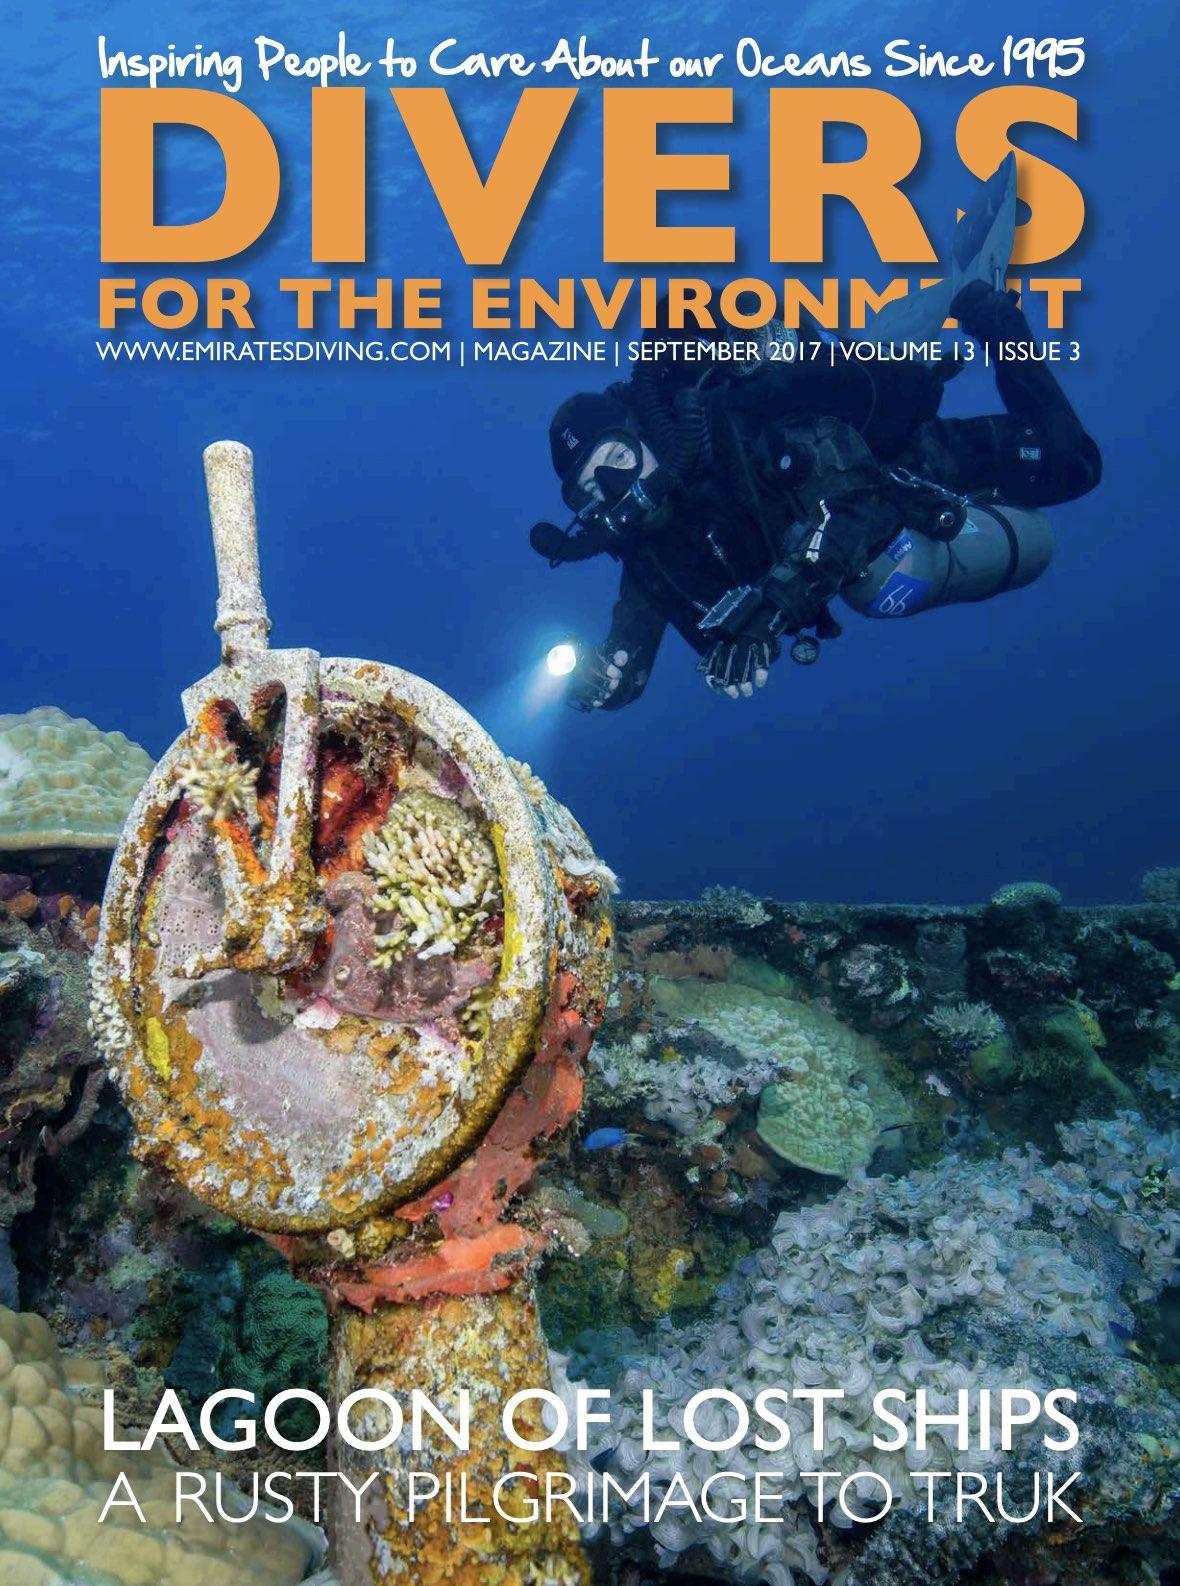 Divers-For-The-Enviroment-Truk-Lagoon.jpg